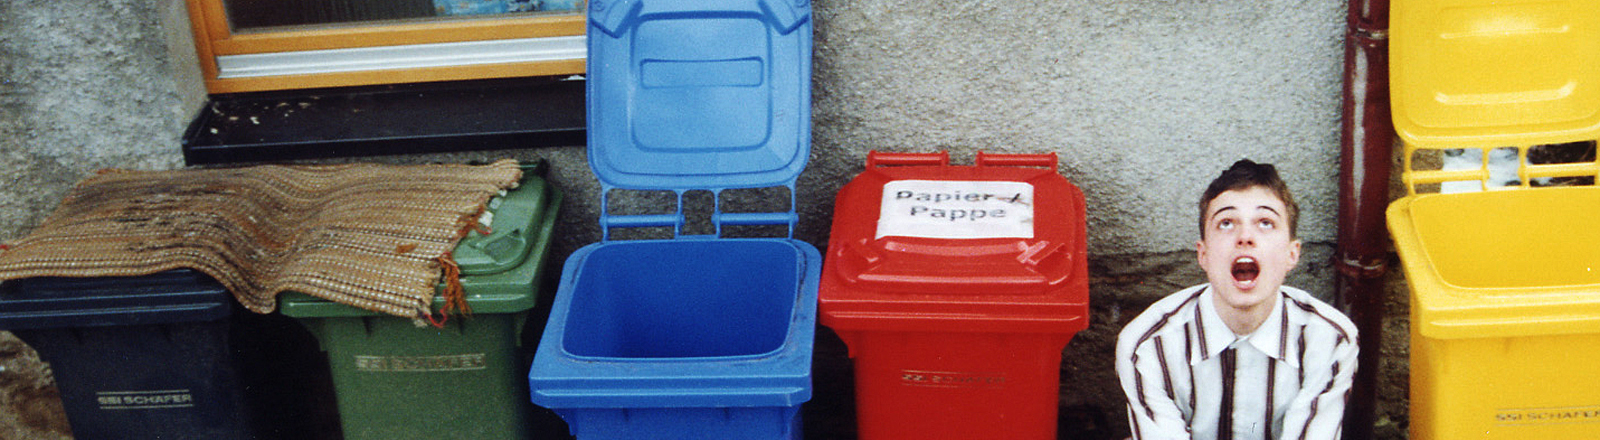 Ein Mann sitzt neben Mülltonnen